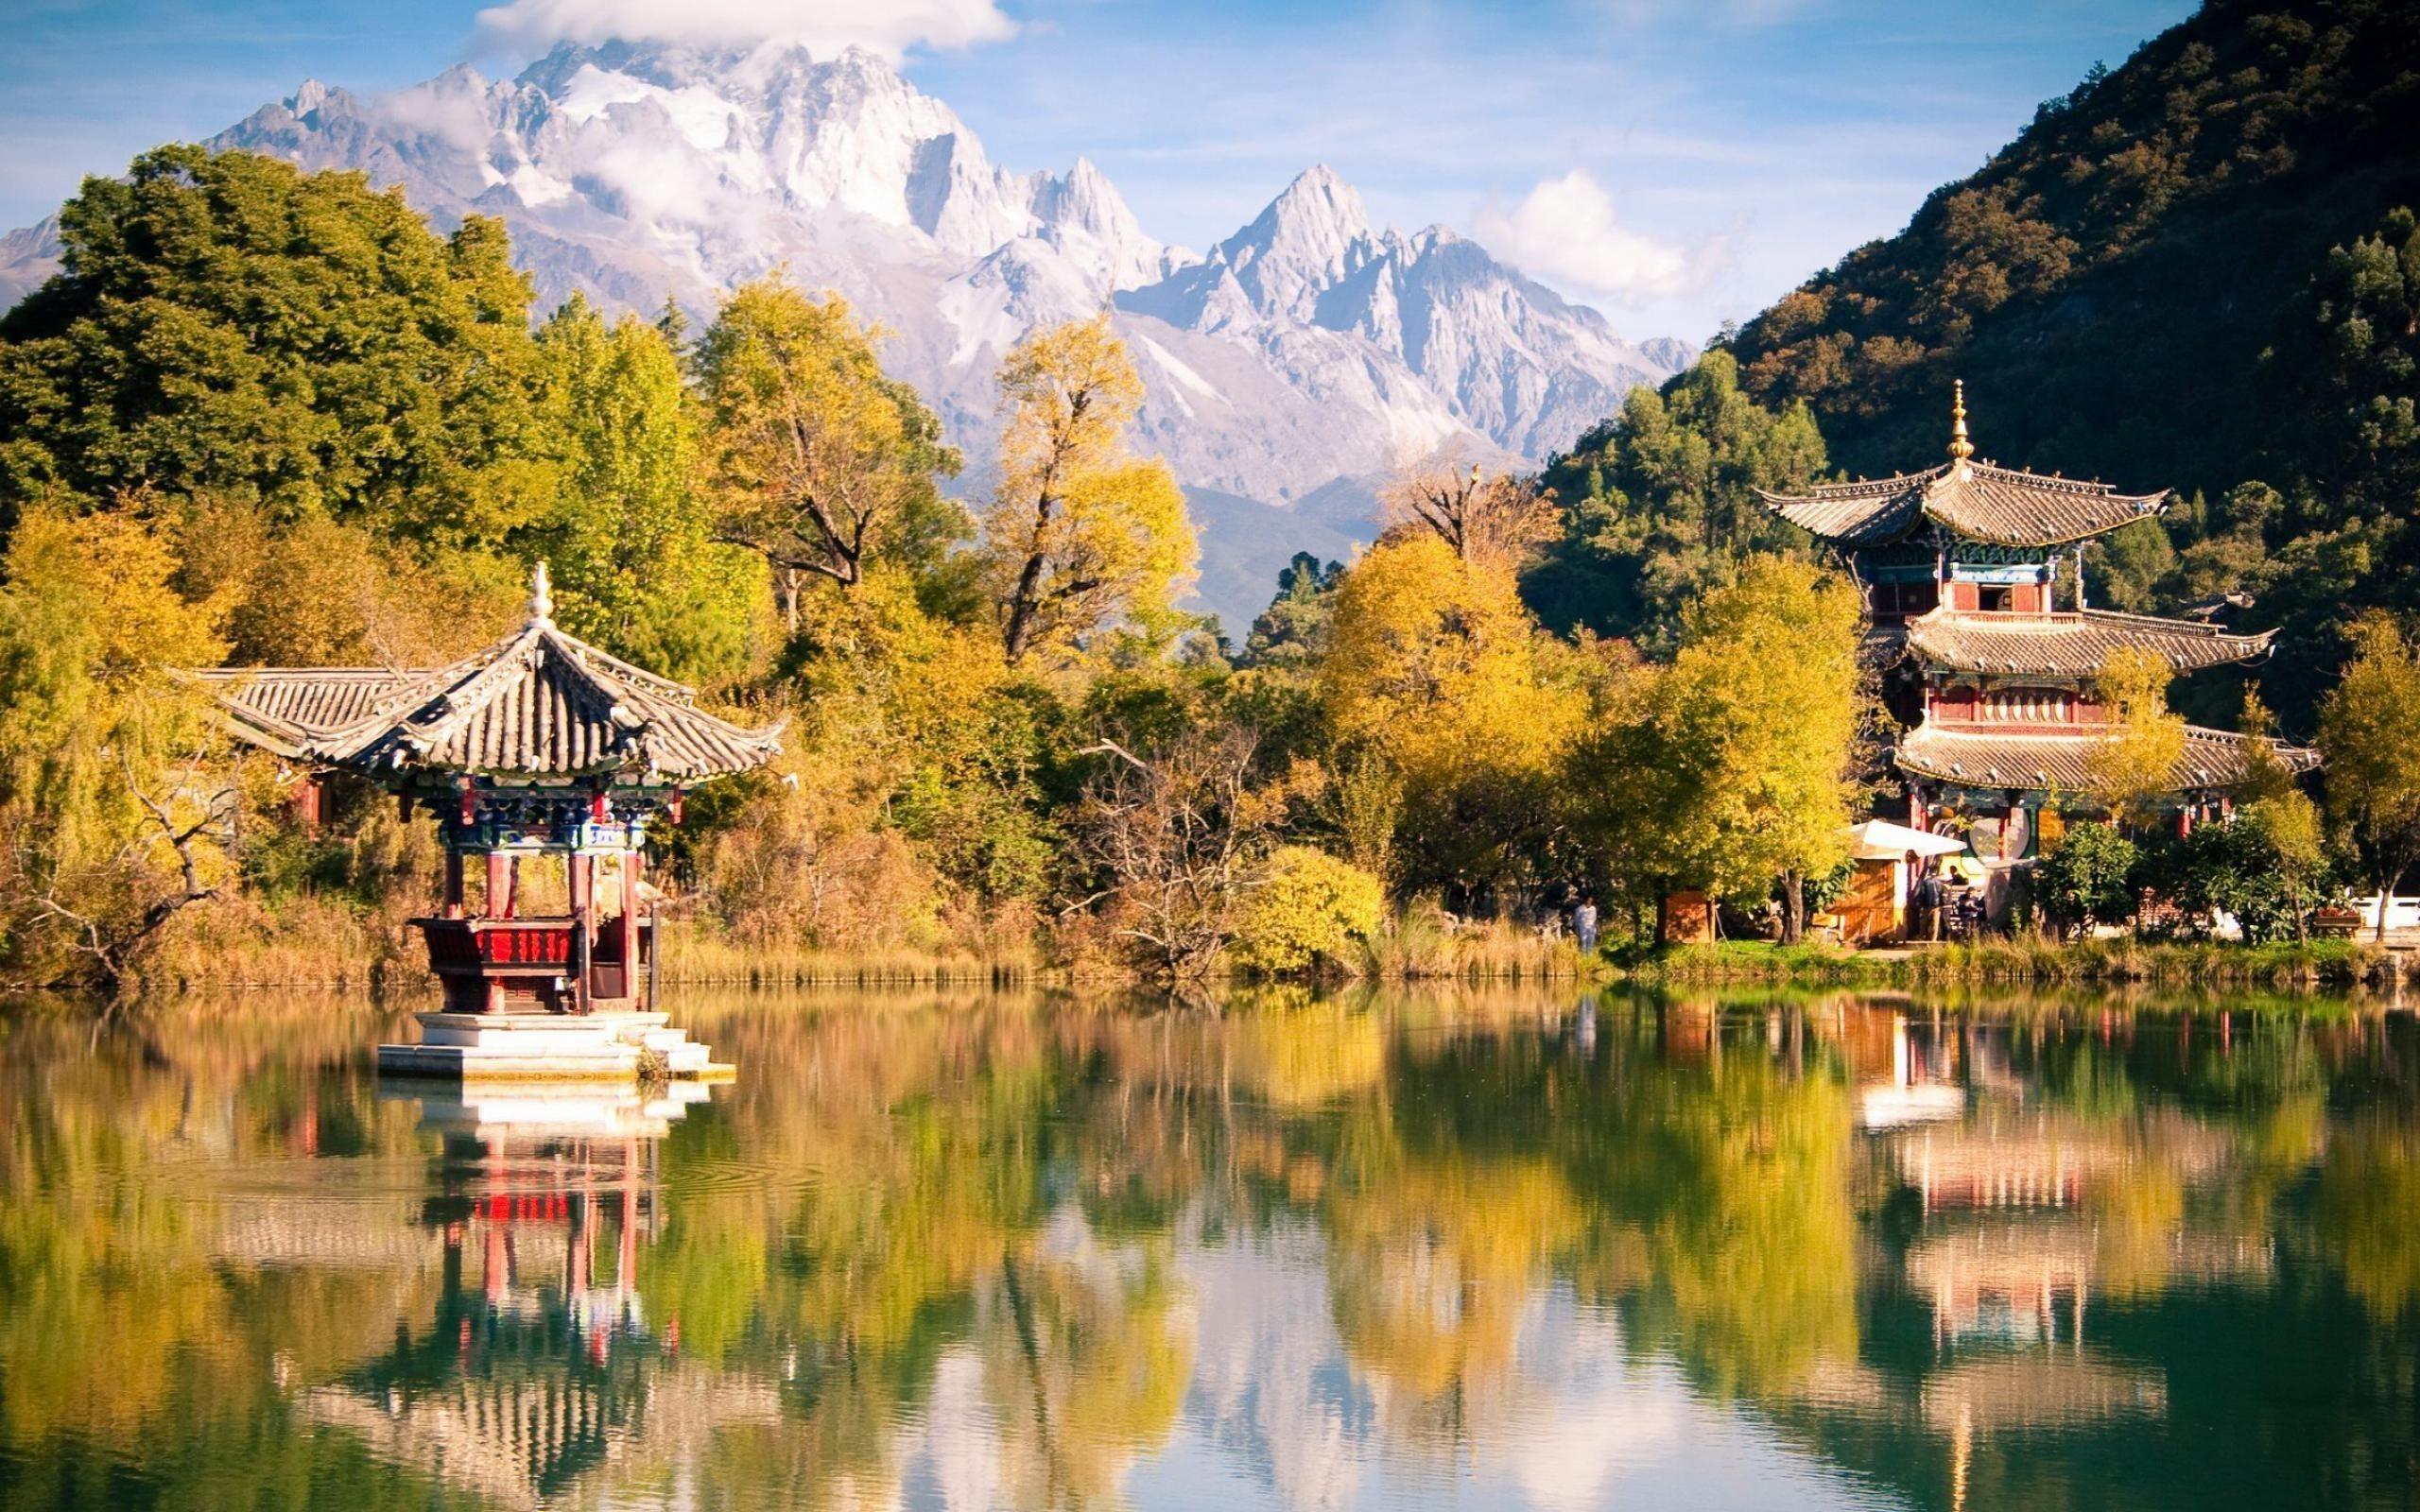 Lijiang Yunnan China-natural landscape wallpaper Preview | 10wallpaper.com